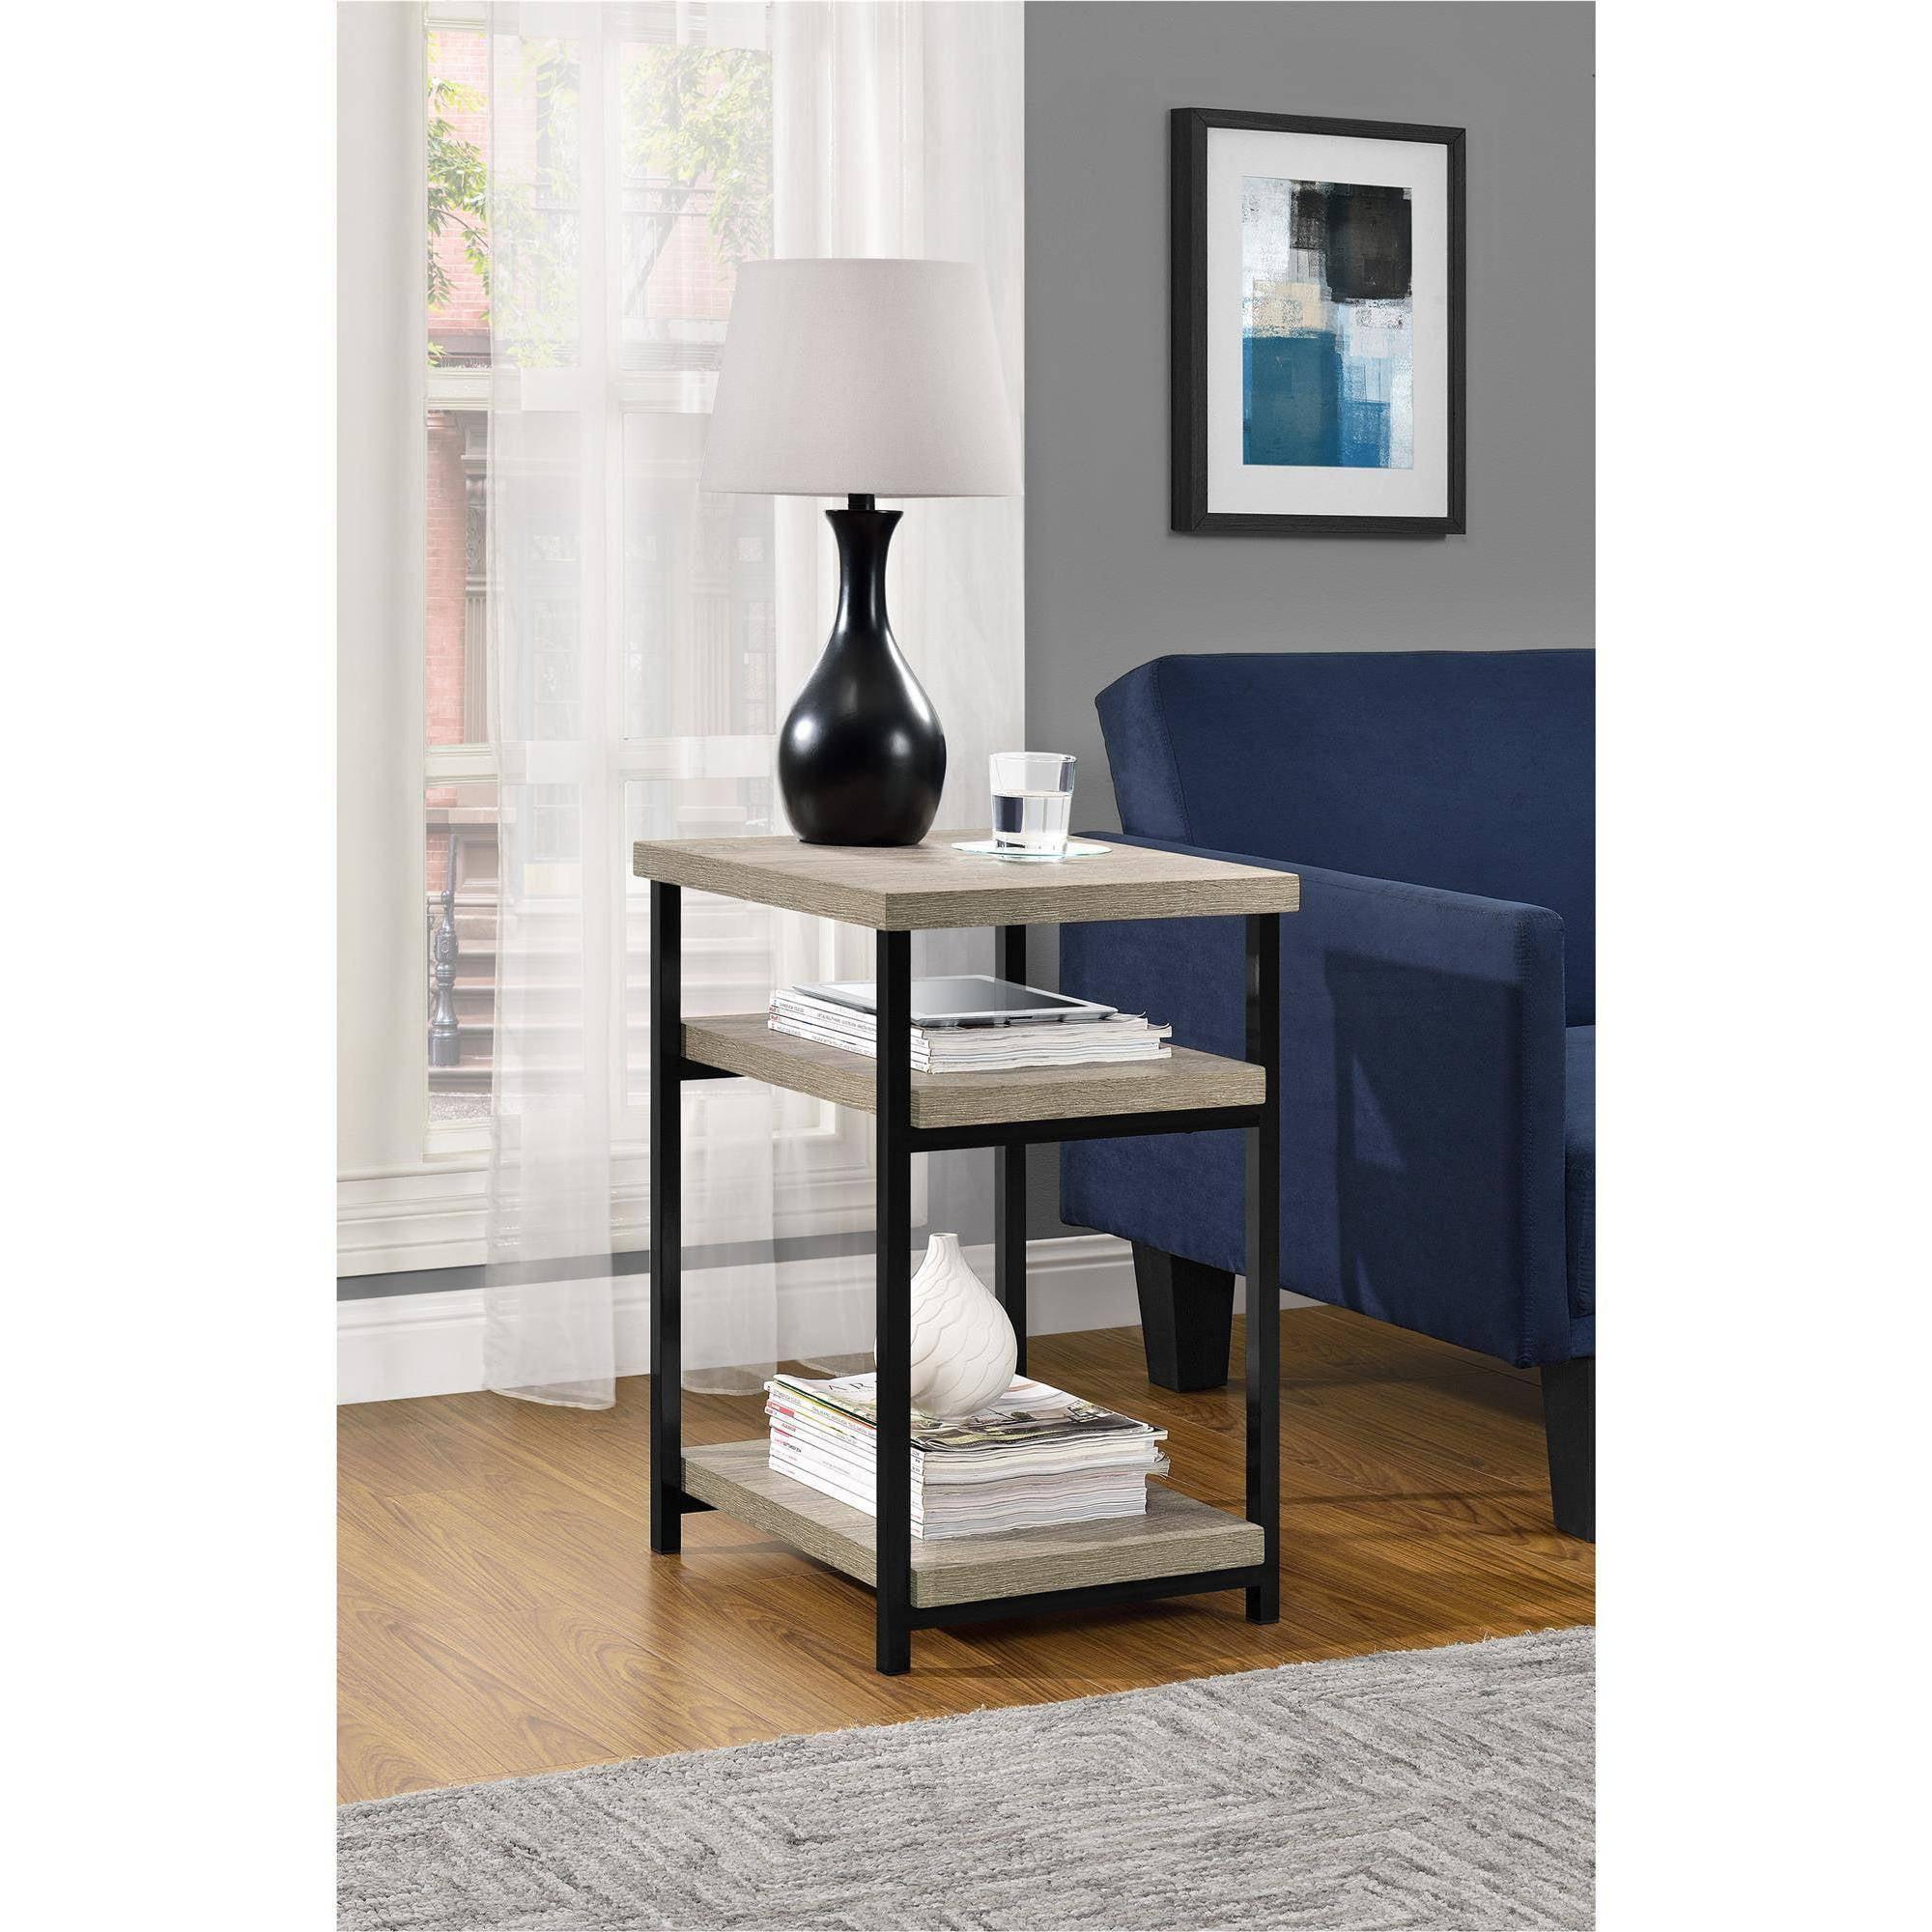 Altra Furniture Carver Square Coffee Table in Black and Sonoma Oak